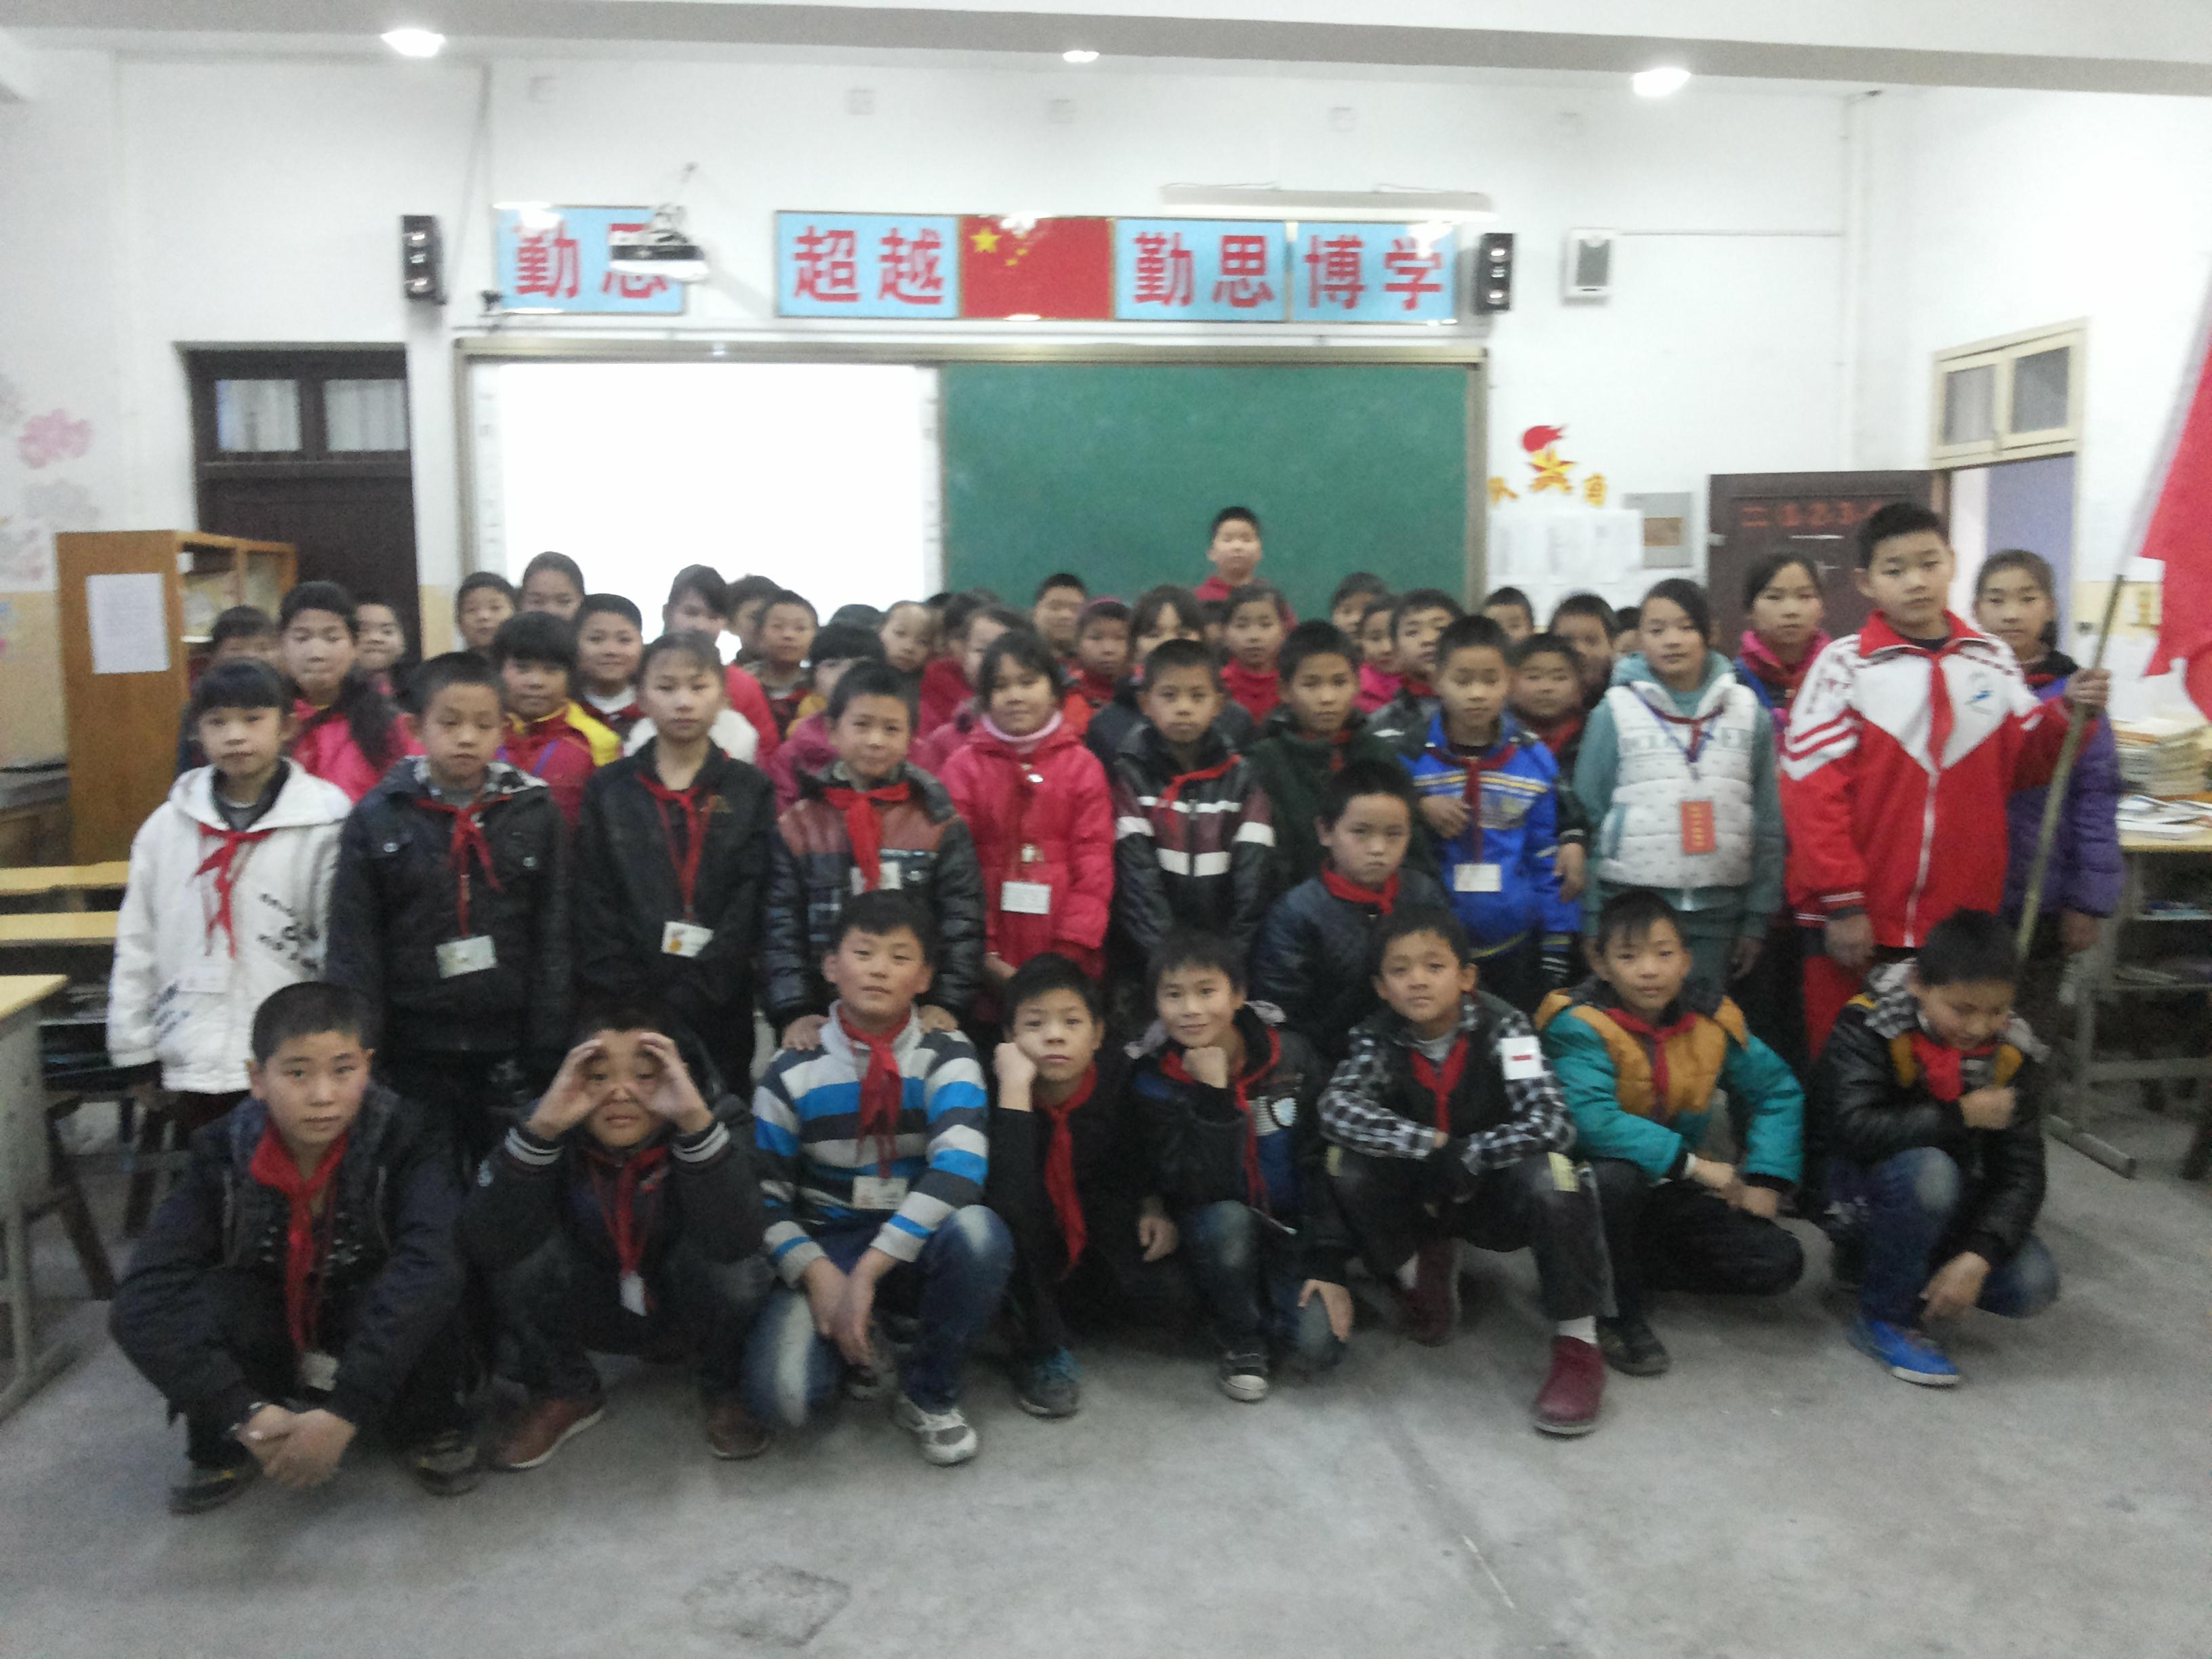 义乌塔山小学2016秋游的照片